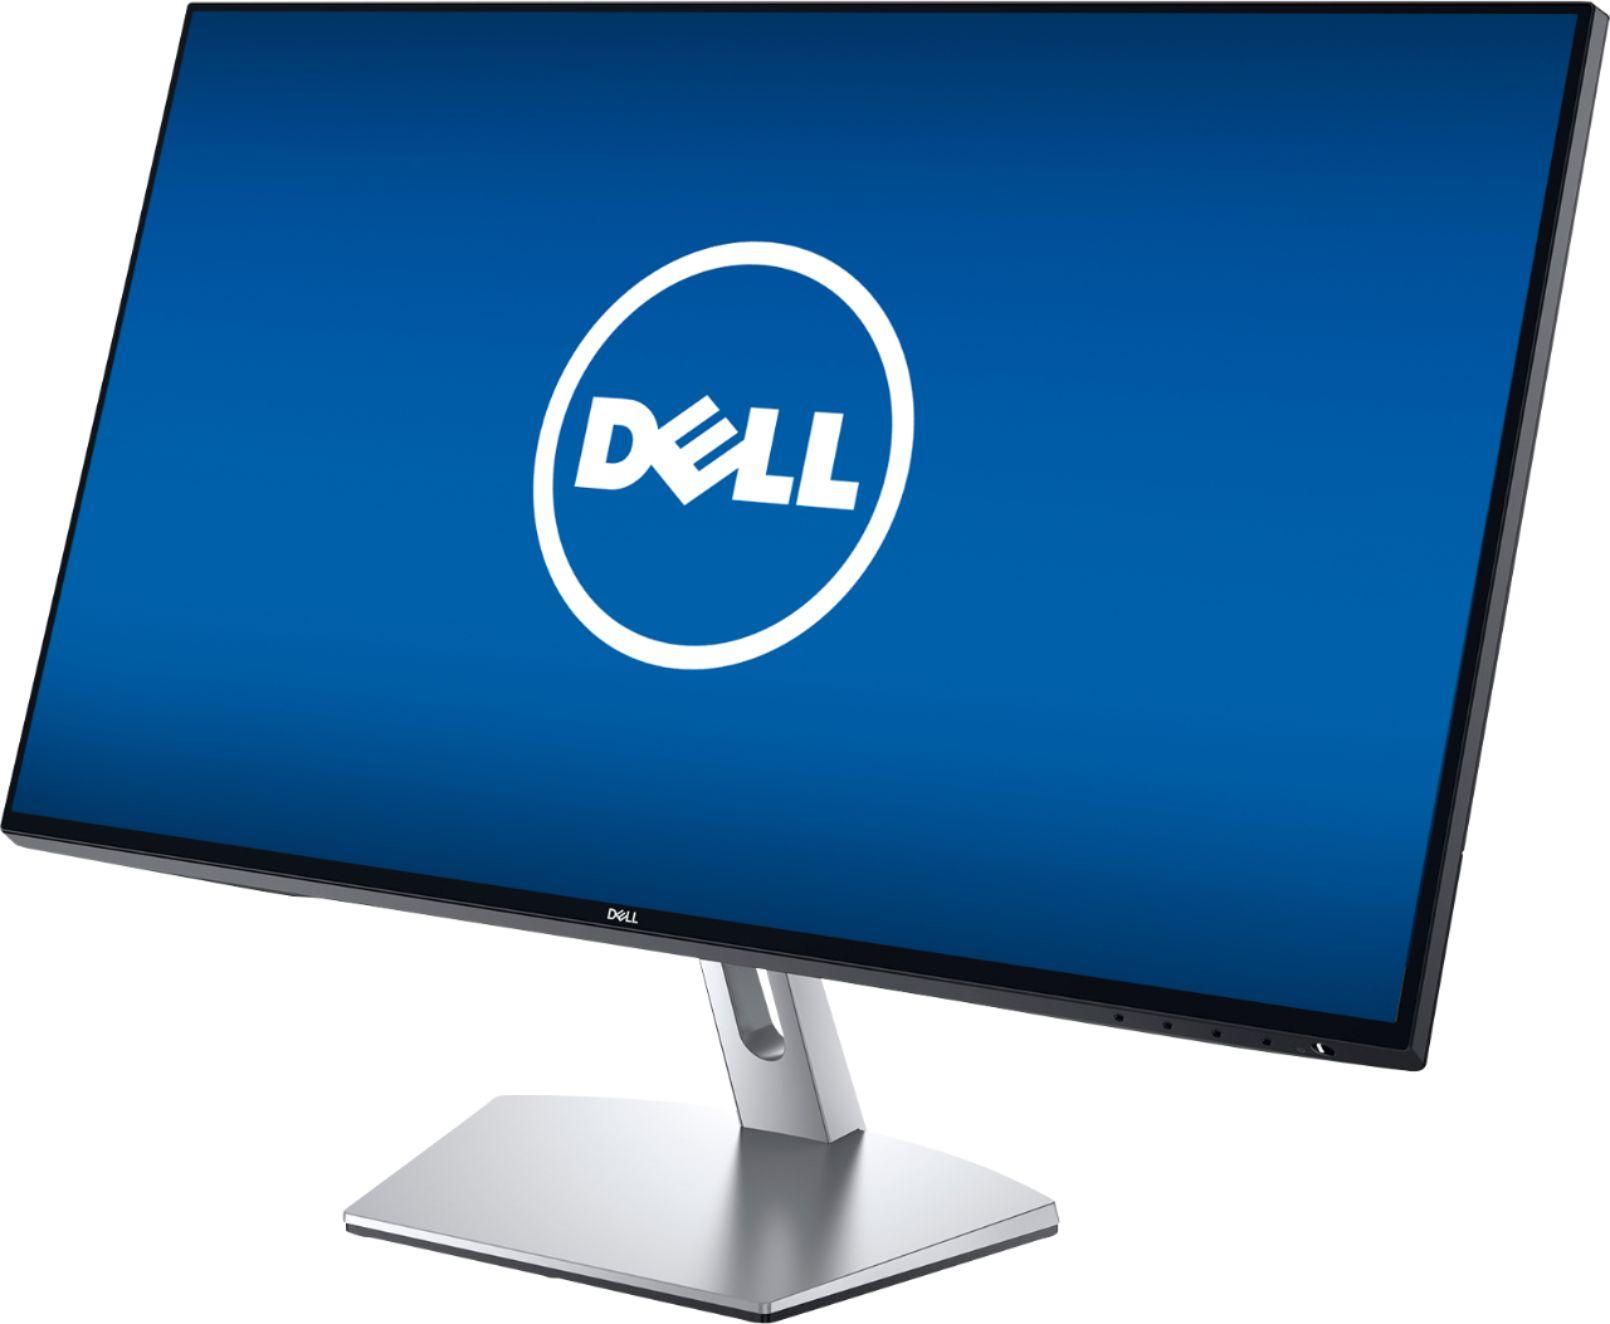 Доходы Dell во втором квартаре упали меньше, чем ожидалось